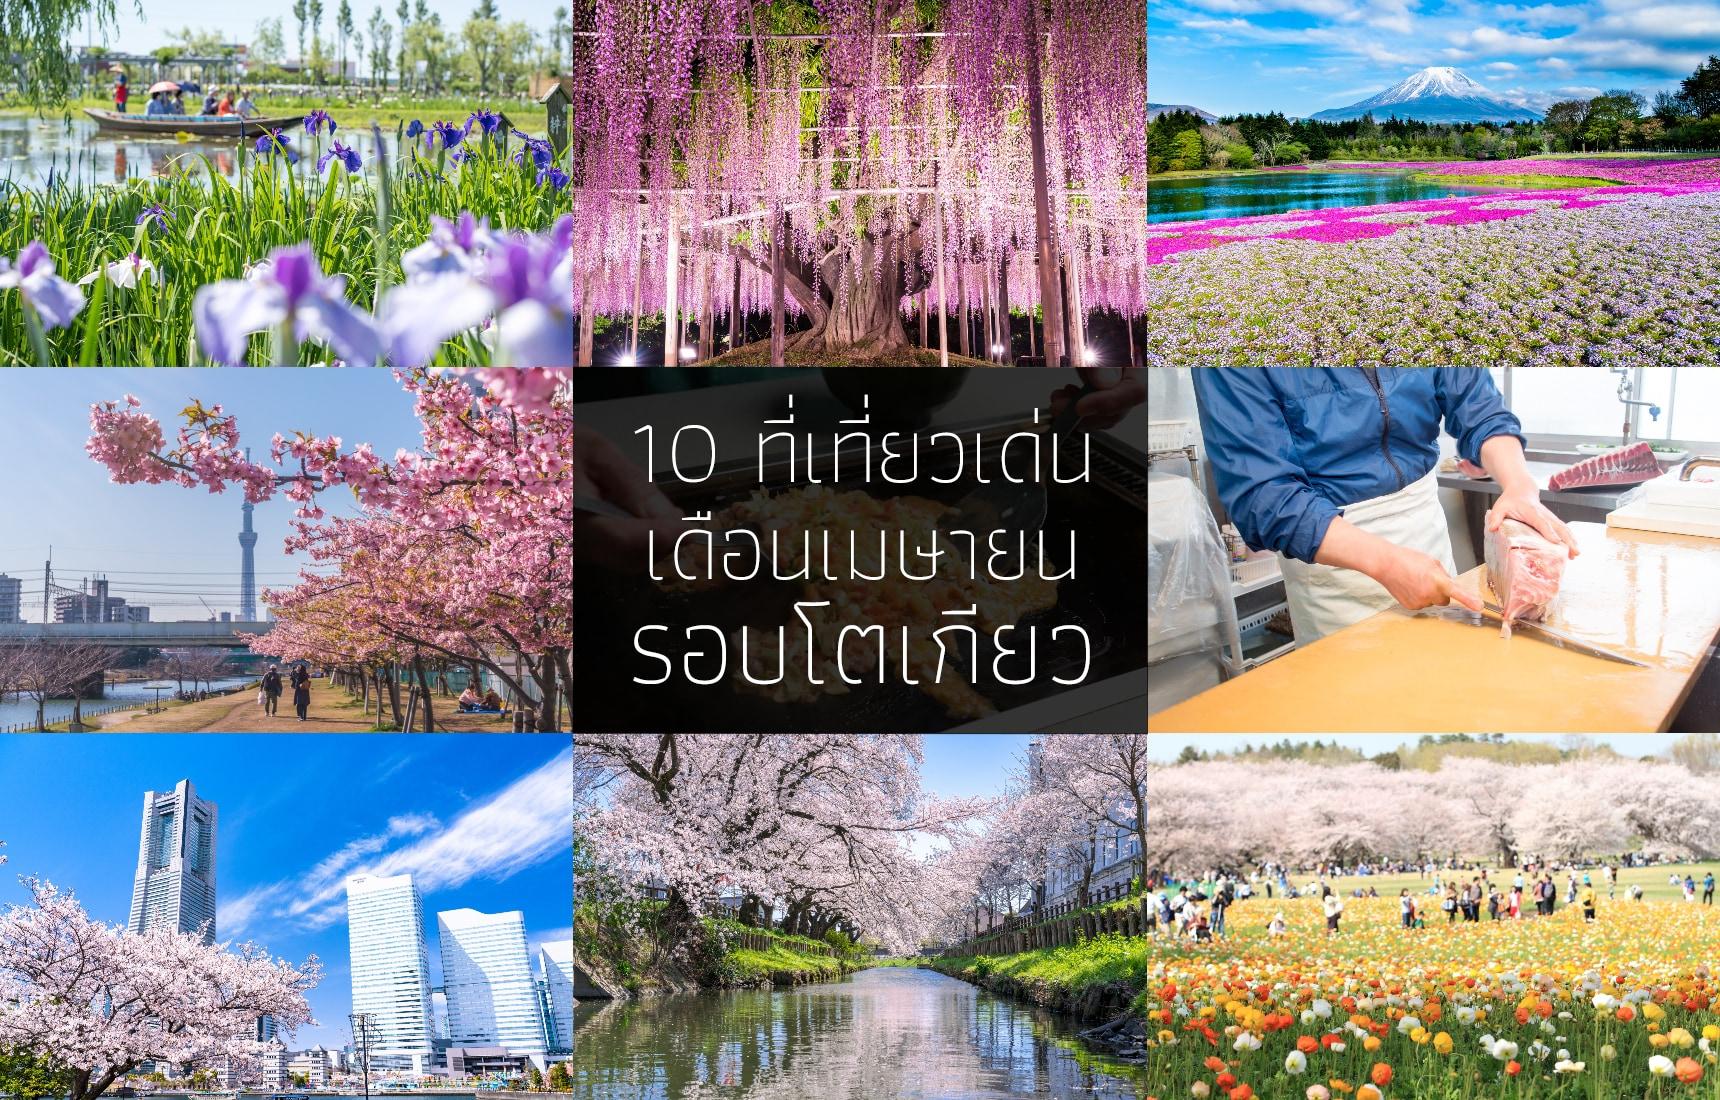 10 ที่เที่ยวเด่นเดือนเมษายนรอบโตเกียว